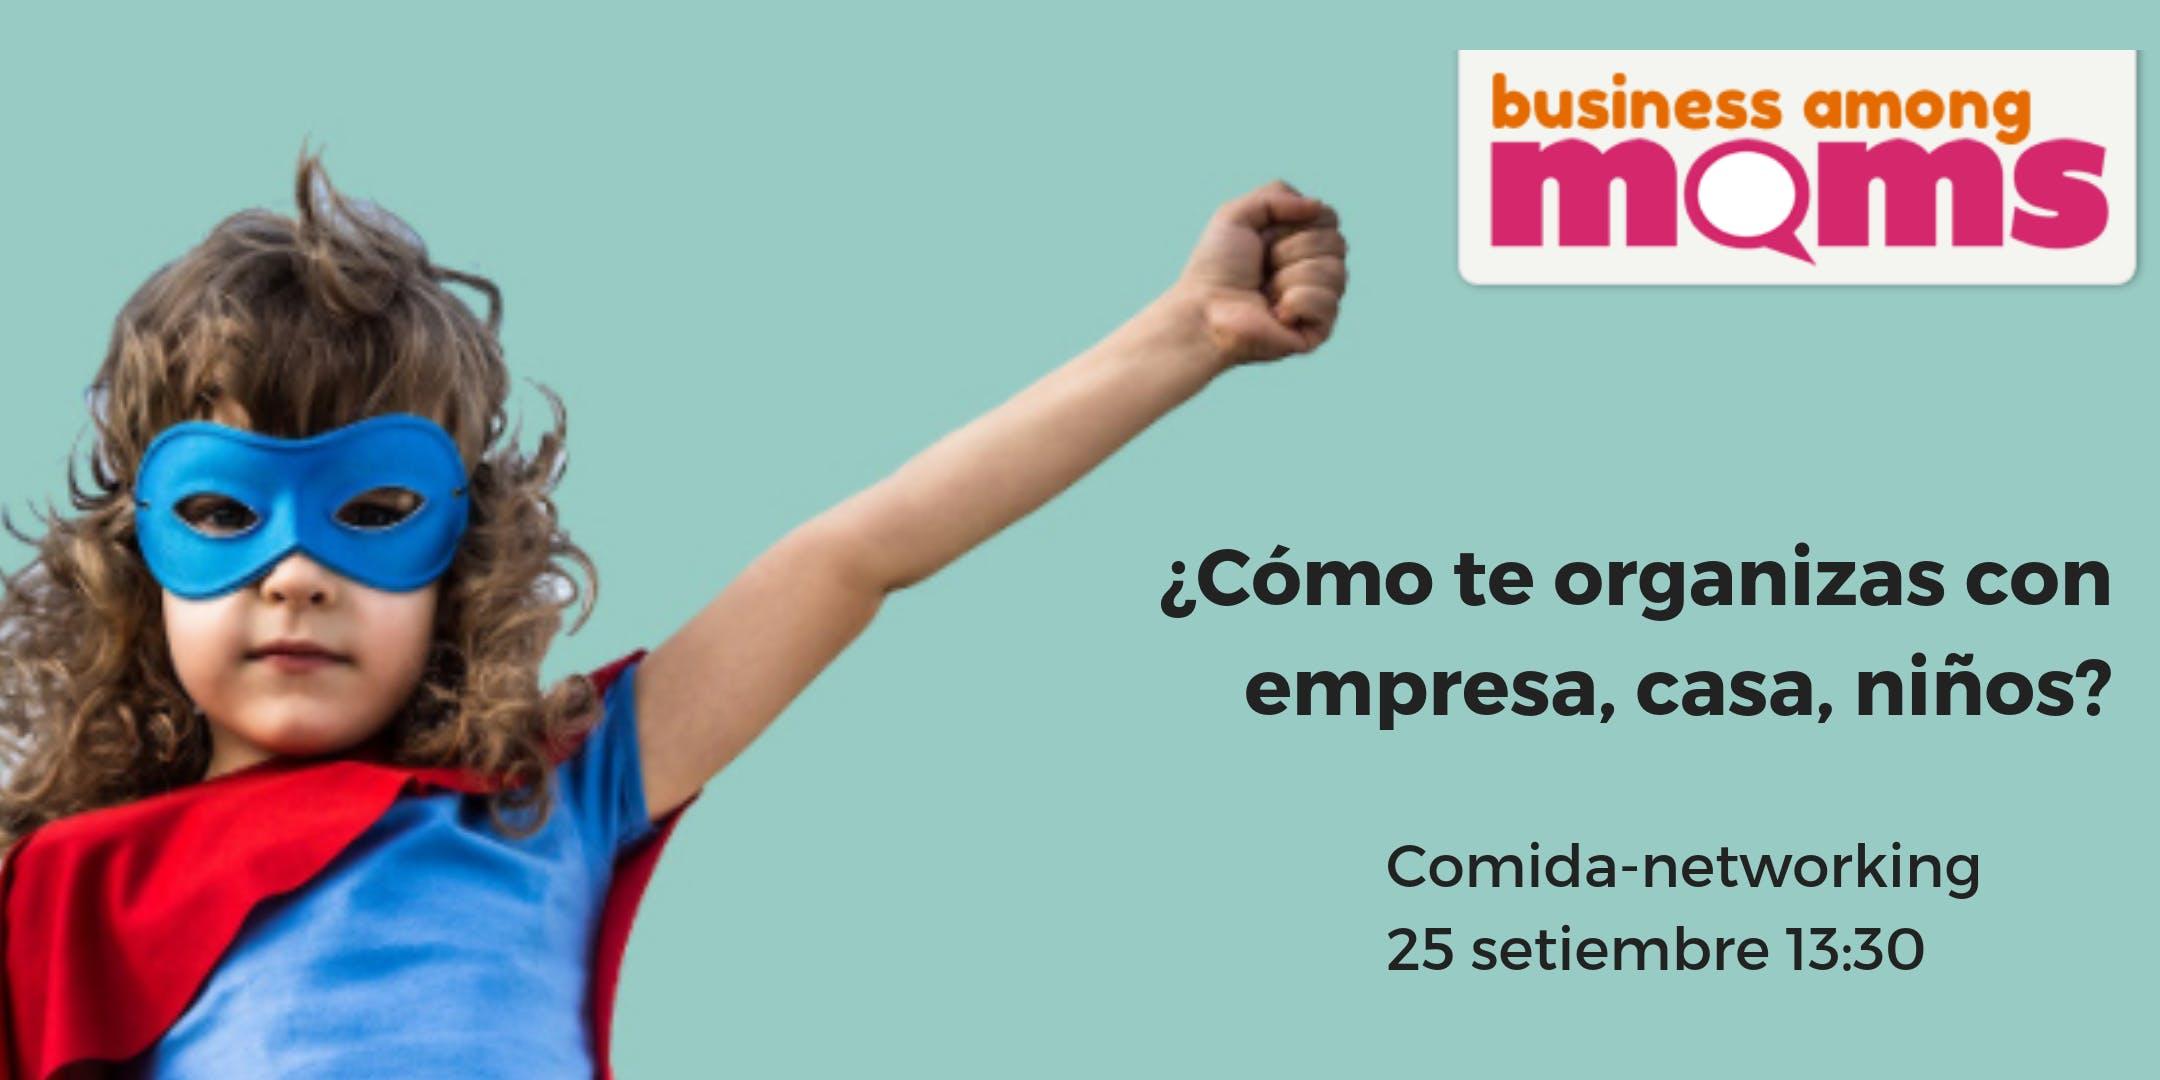 BAM Comida Networking  madres empresarias